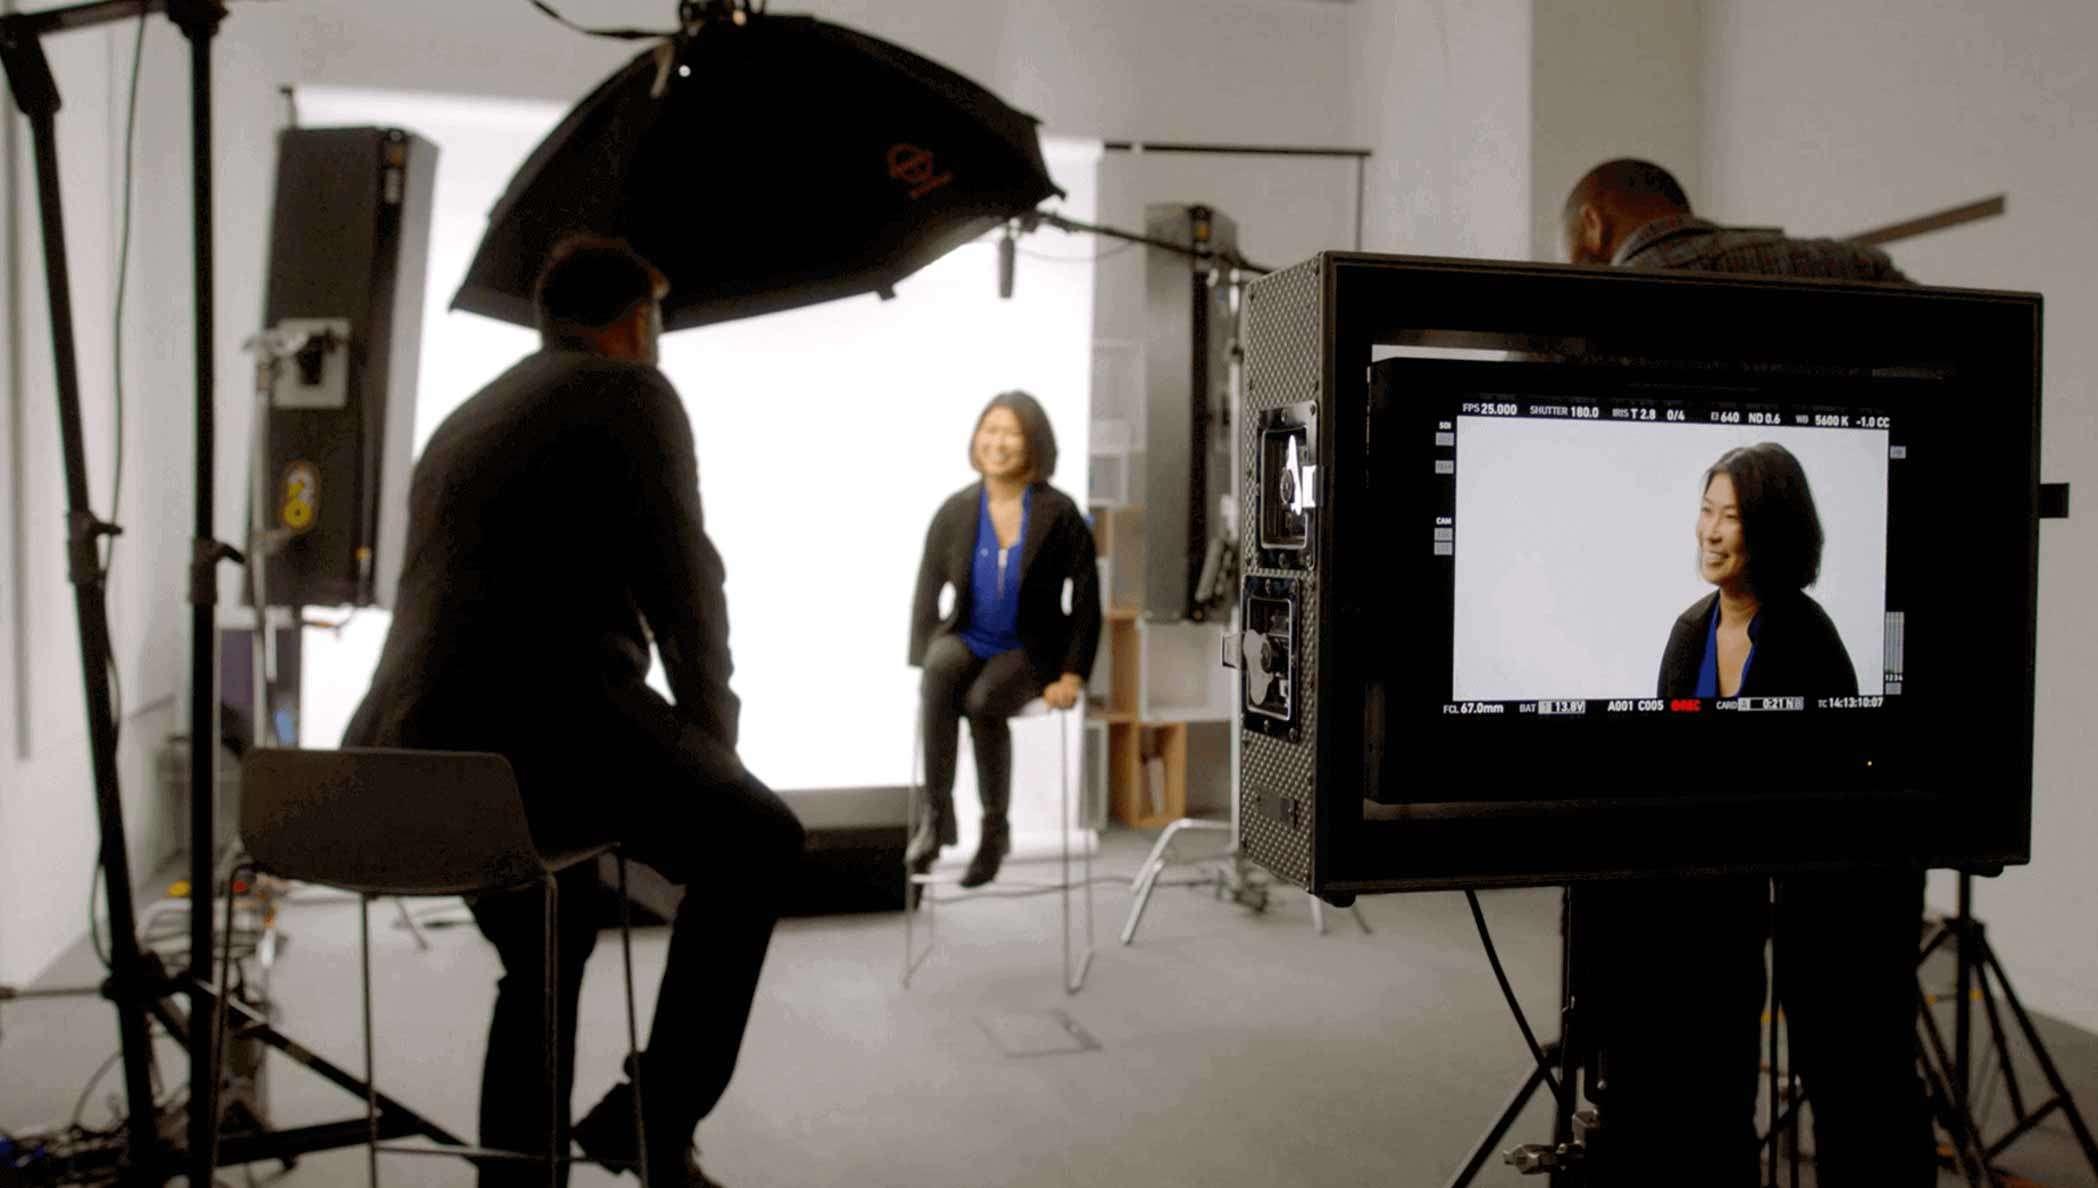 Imagem fixa do executivo da Unilever sendo entrevistado pela DocuSign sobre CLM neste vídeo